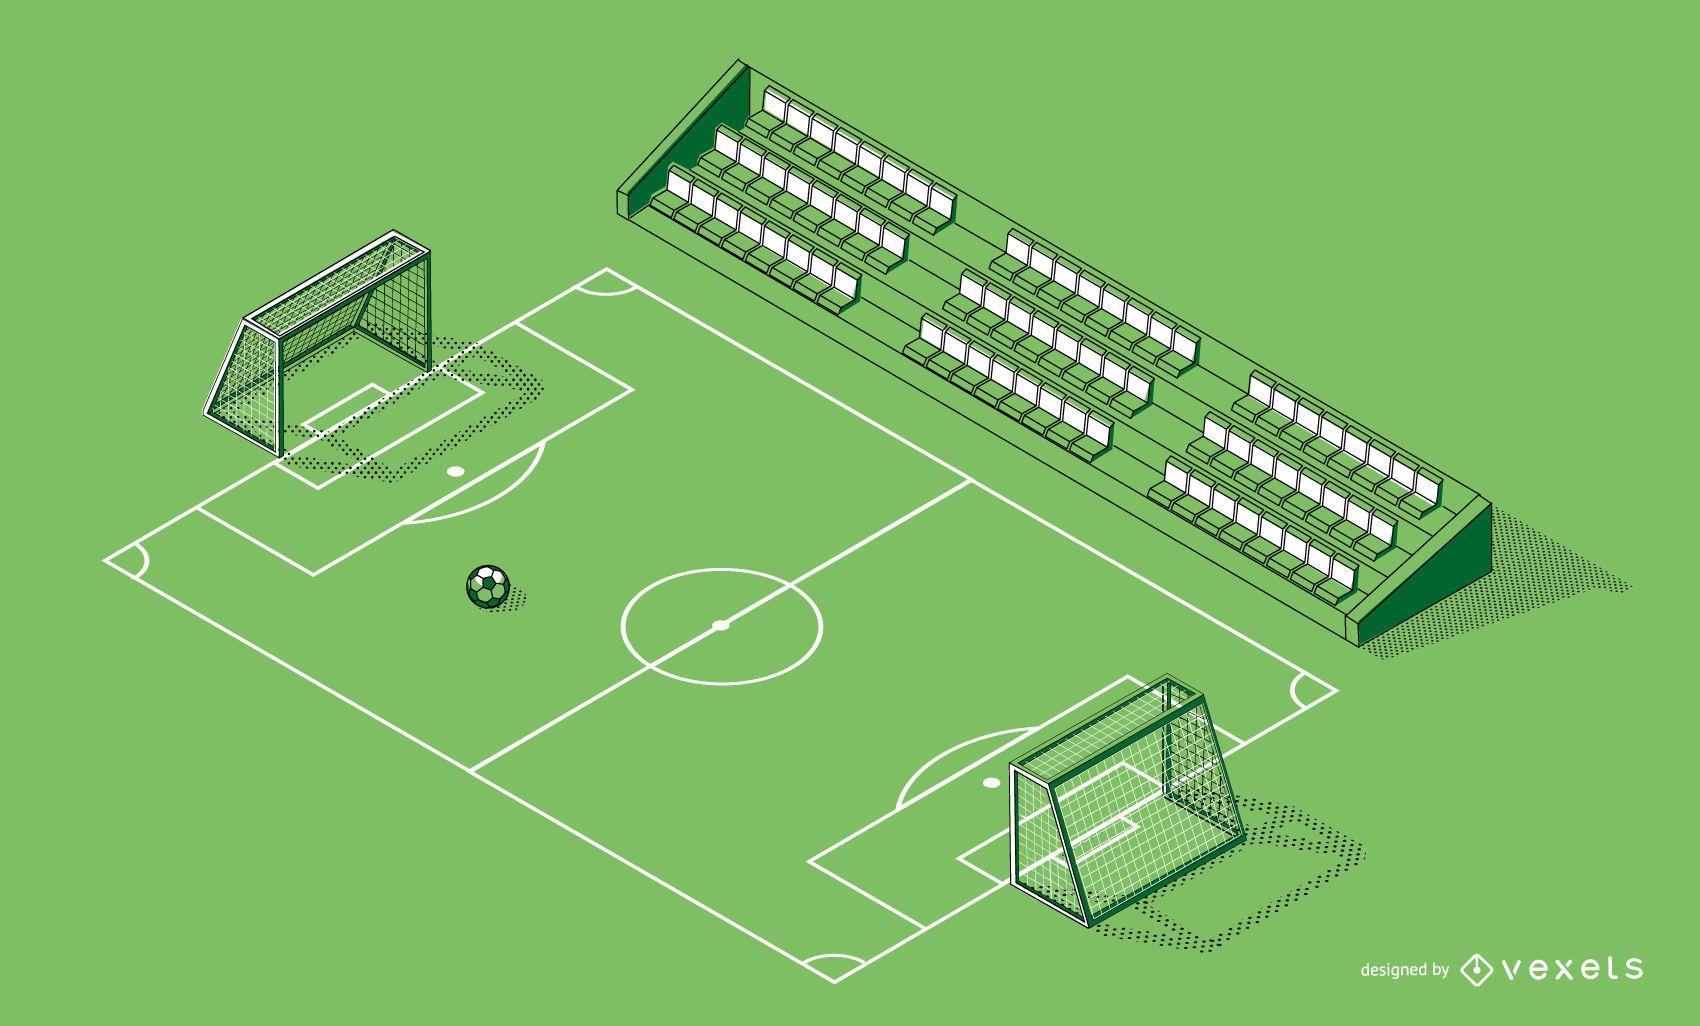 Diseño gráfico de campo de fútbol isométrico